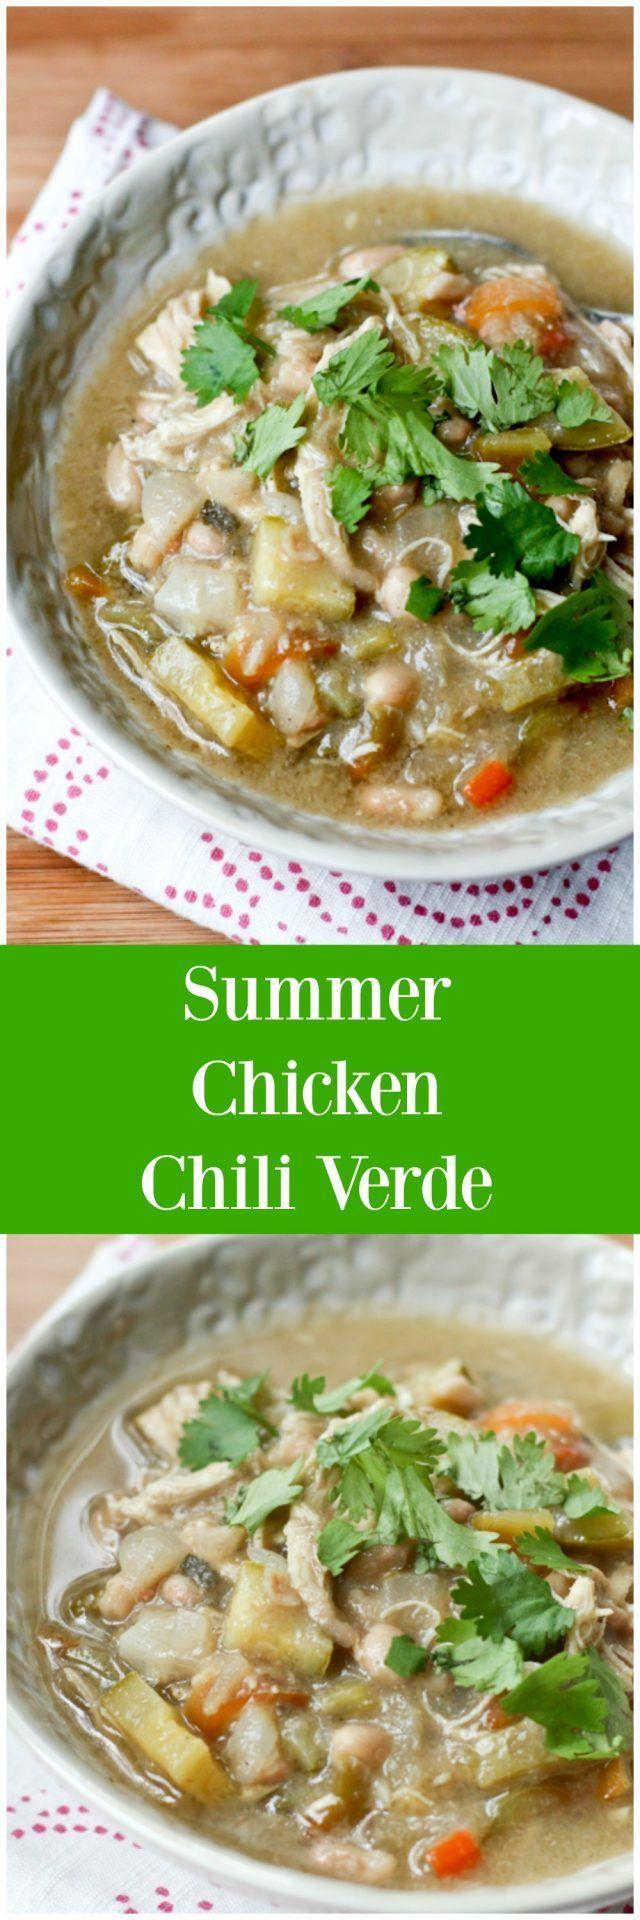 Summer Chicken Chili Verde - Recipe via http://aggieskitchen.com